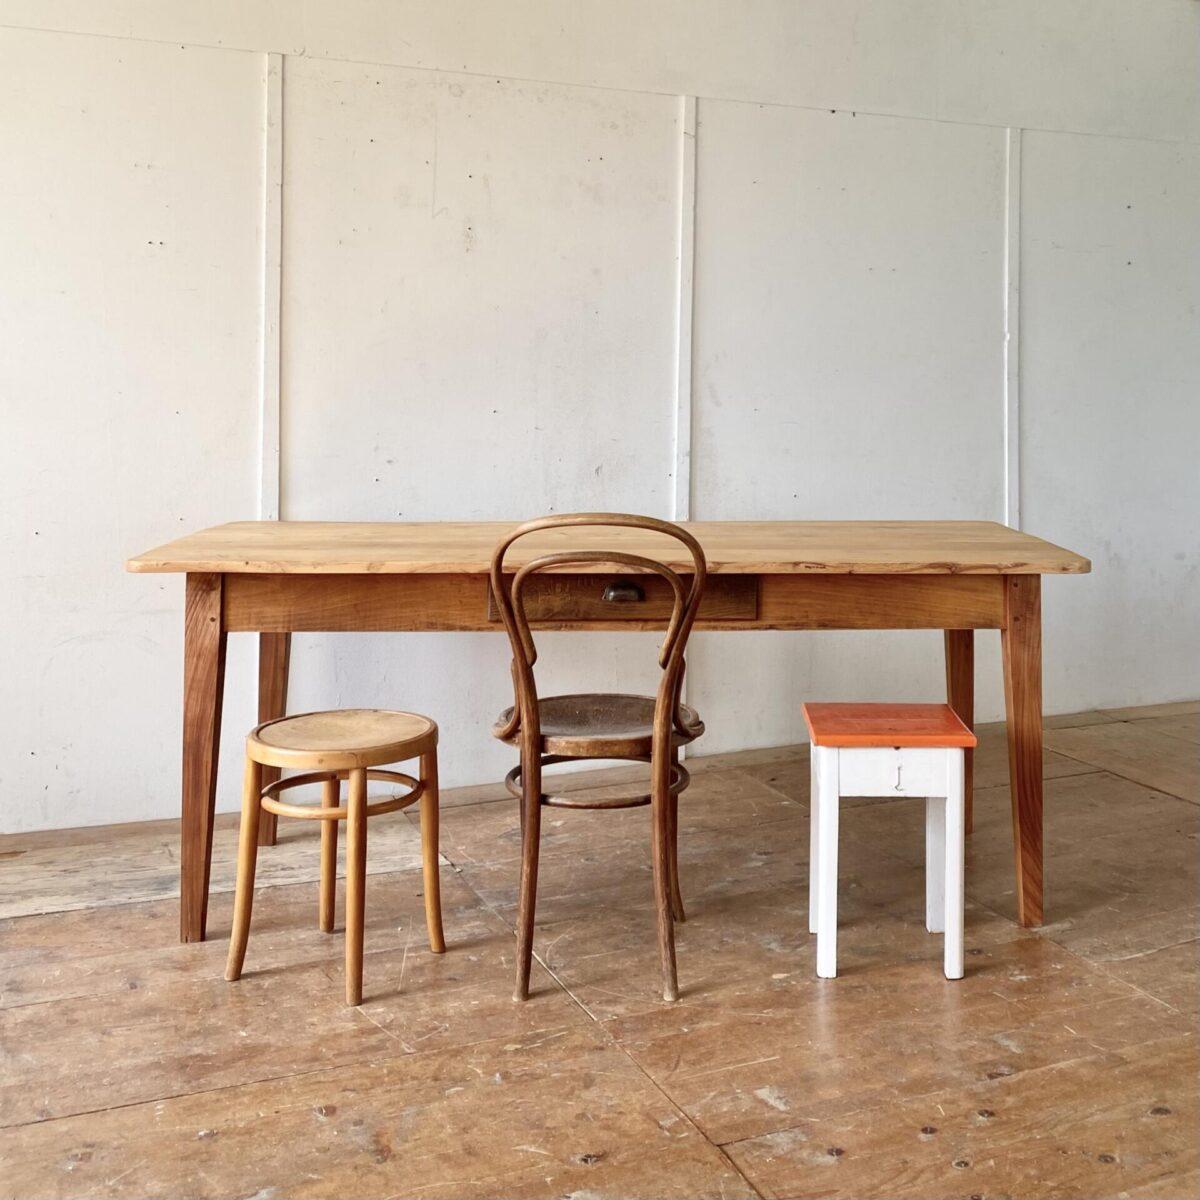 Deuxieme.shop Esstisch Holztisch alter Biedermeiertisch massivholz Tisch